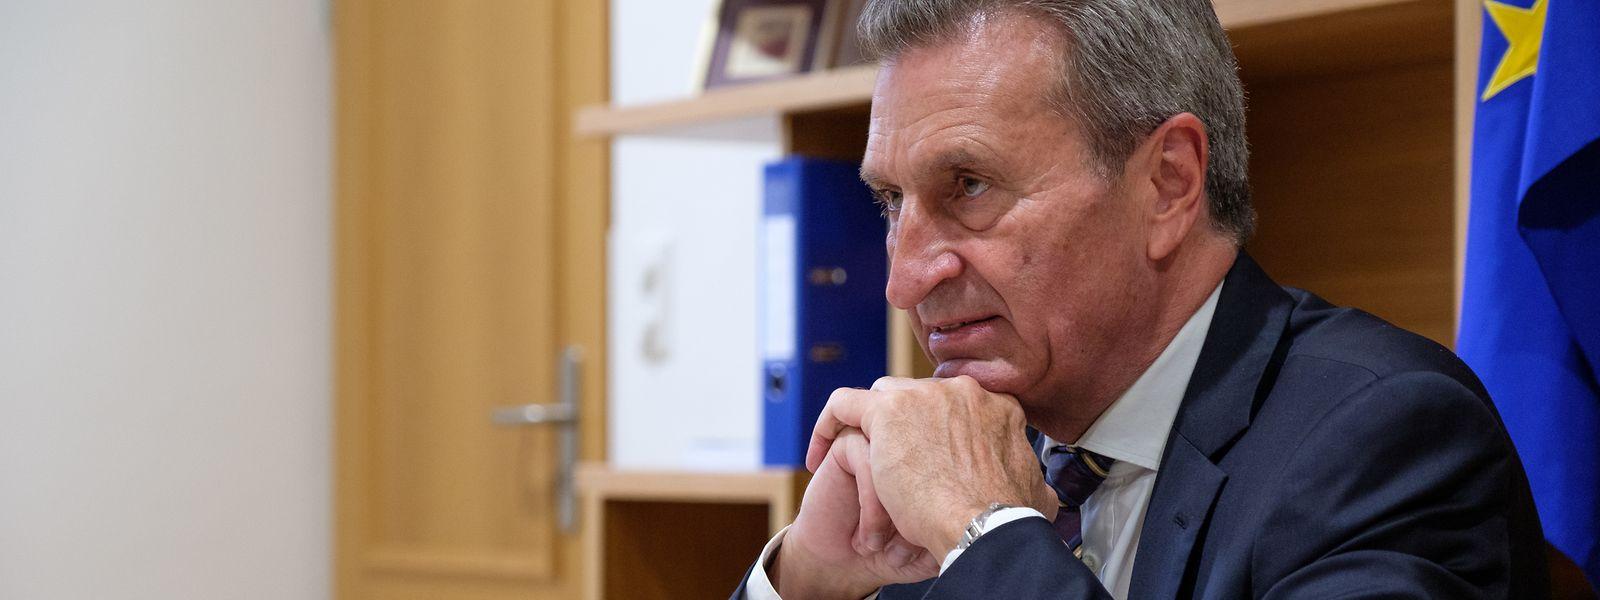 Günther Oettinger, Jahrgang 1953, will sich erst nach seinem Ausscheiden in Brüssel für eine neue Arbeitsstelle entscheiden.